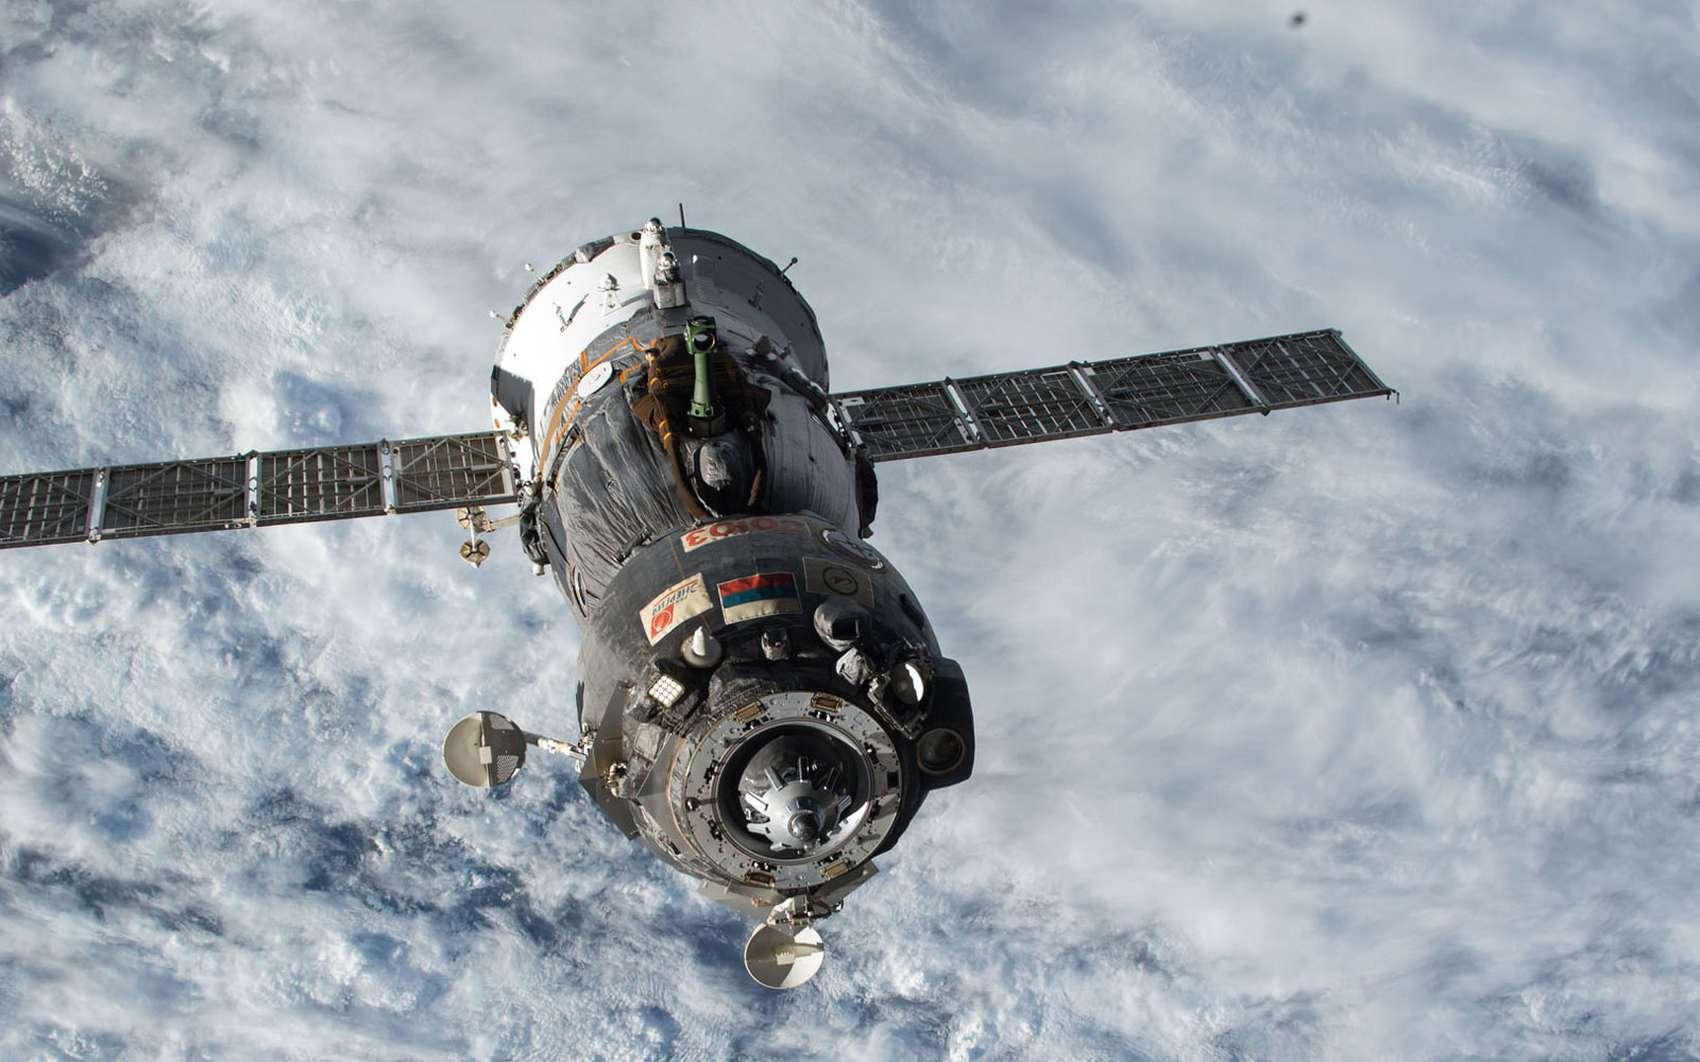 La capsule russe Soyouz, capable d'emmener trois personnes, est actuellement le seul moyen de transport vers la Station spatiale internationale. La Nasa voulait s'en débarrasser dès 2018 mais il lui faudra attendre la fin de cette décennie. © Nasa